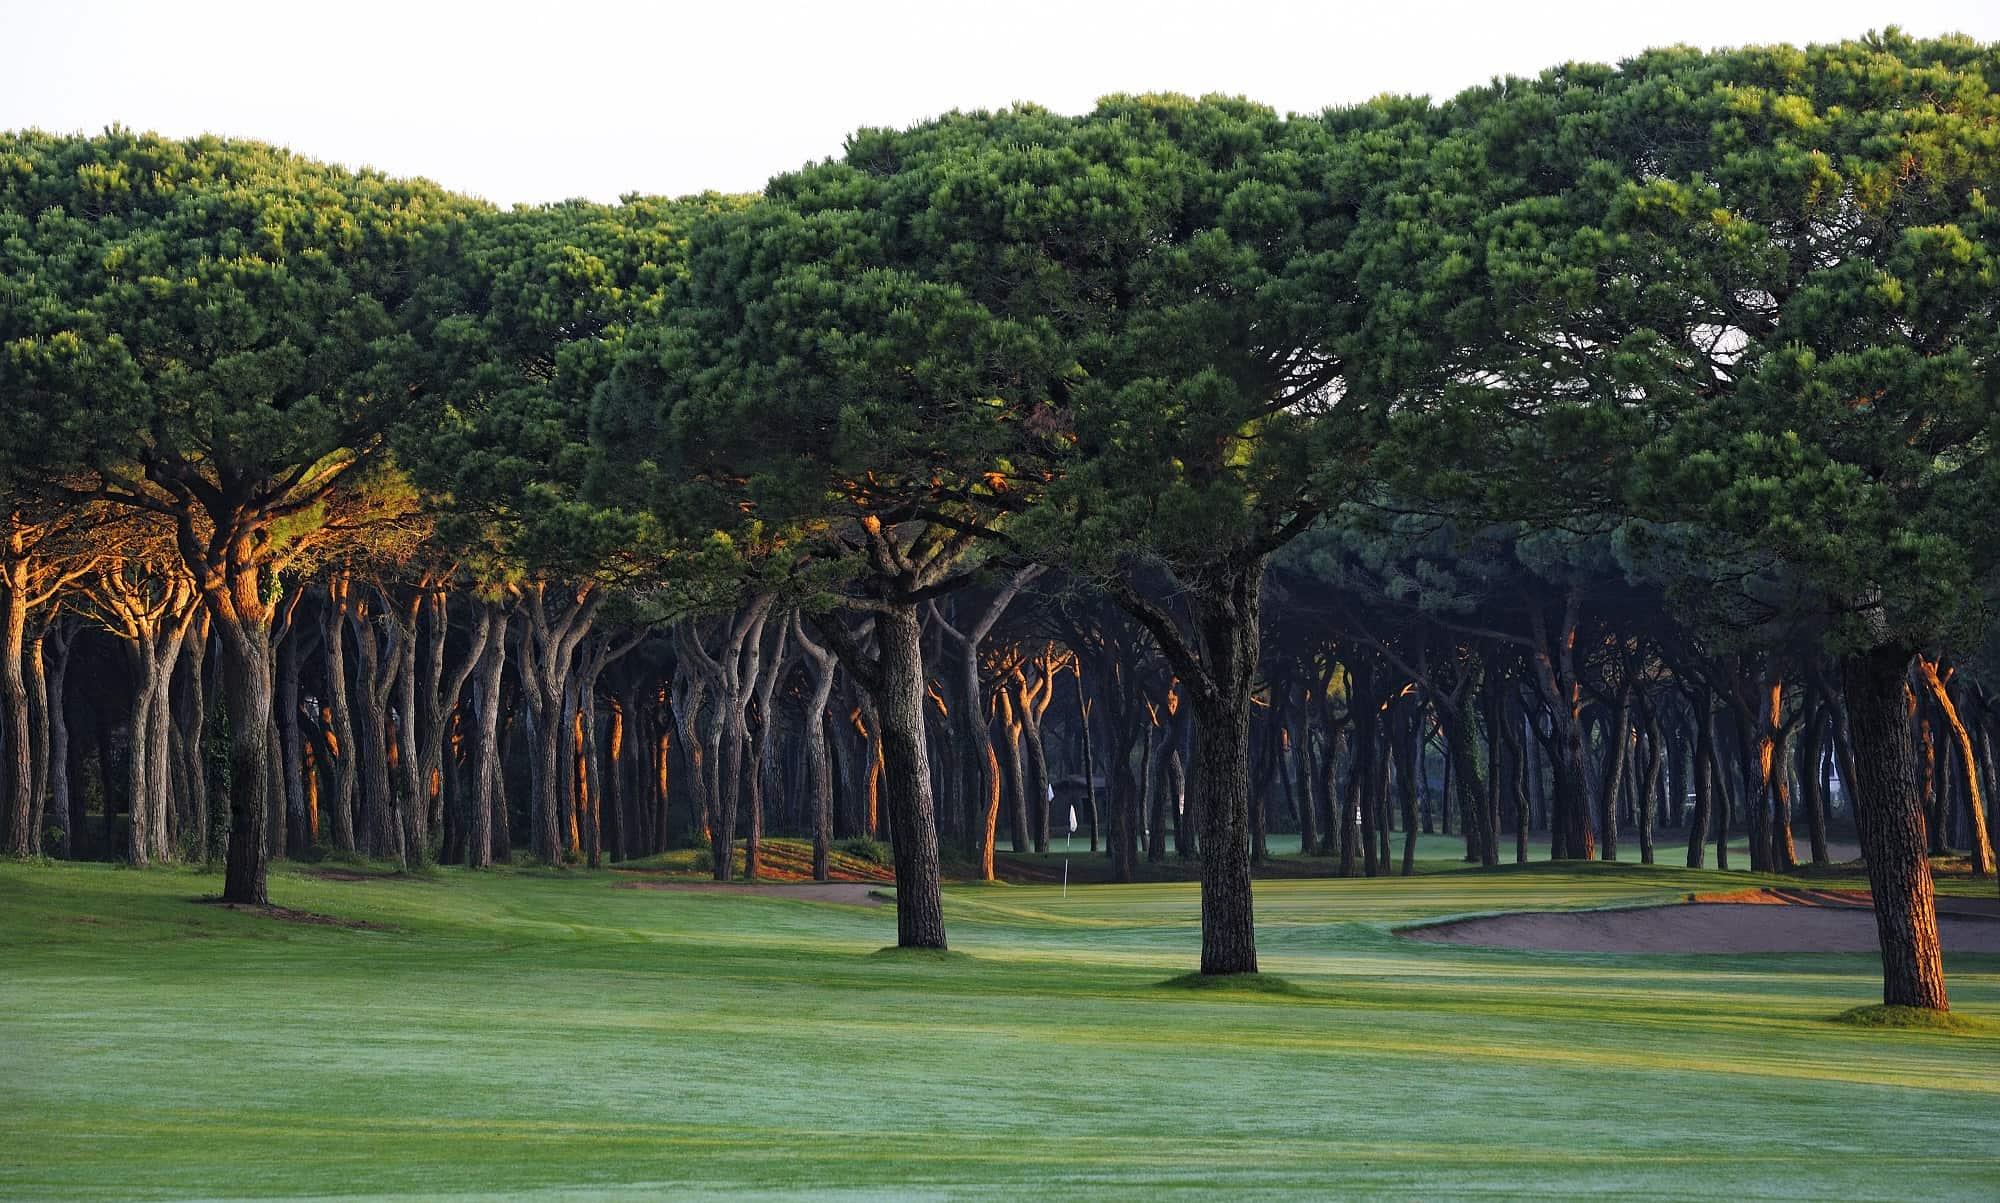 activitats/golf/gpp_7_long_2000pxls.jpg